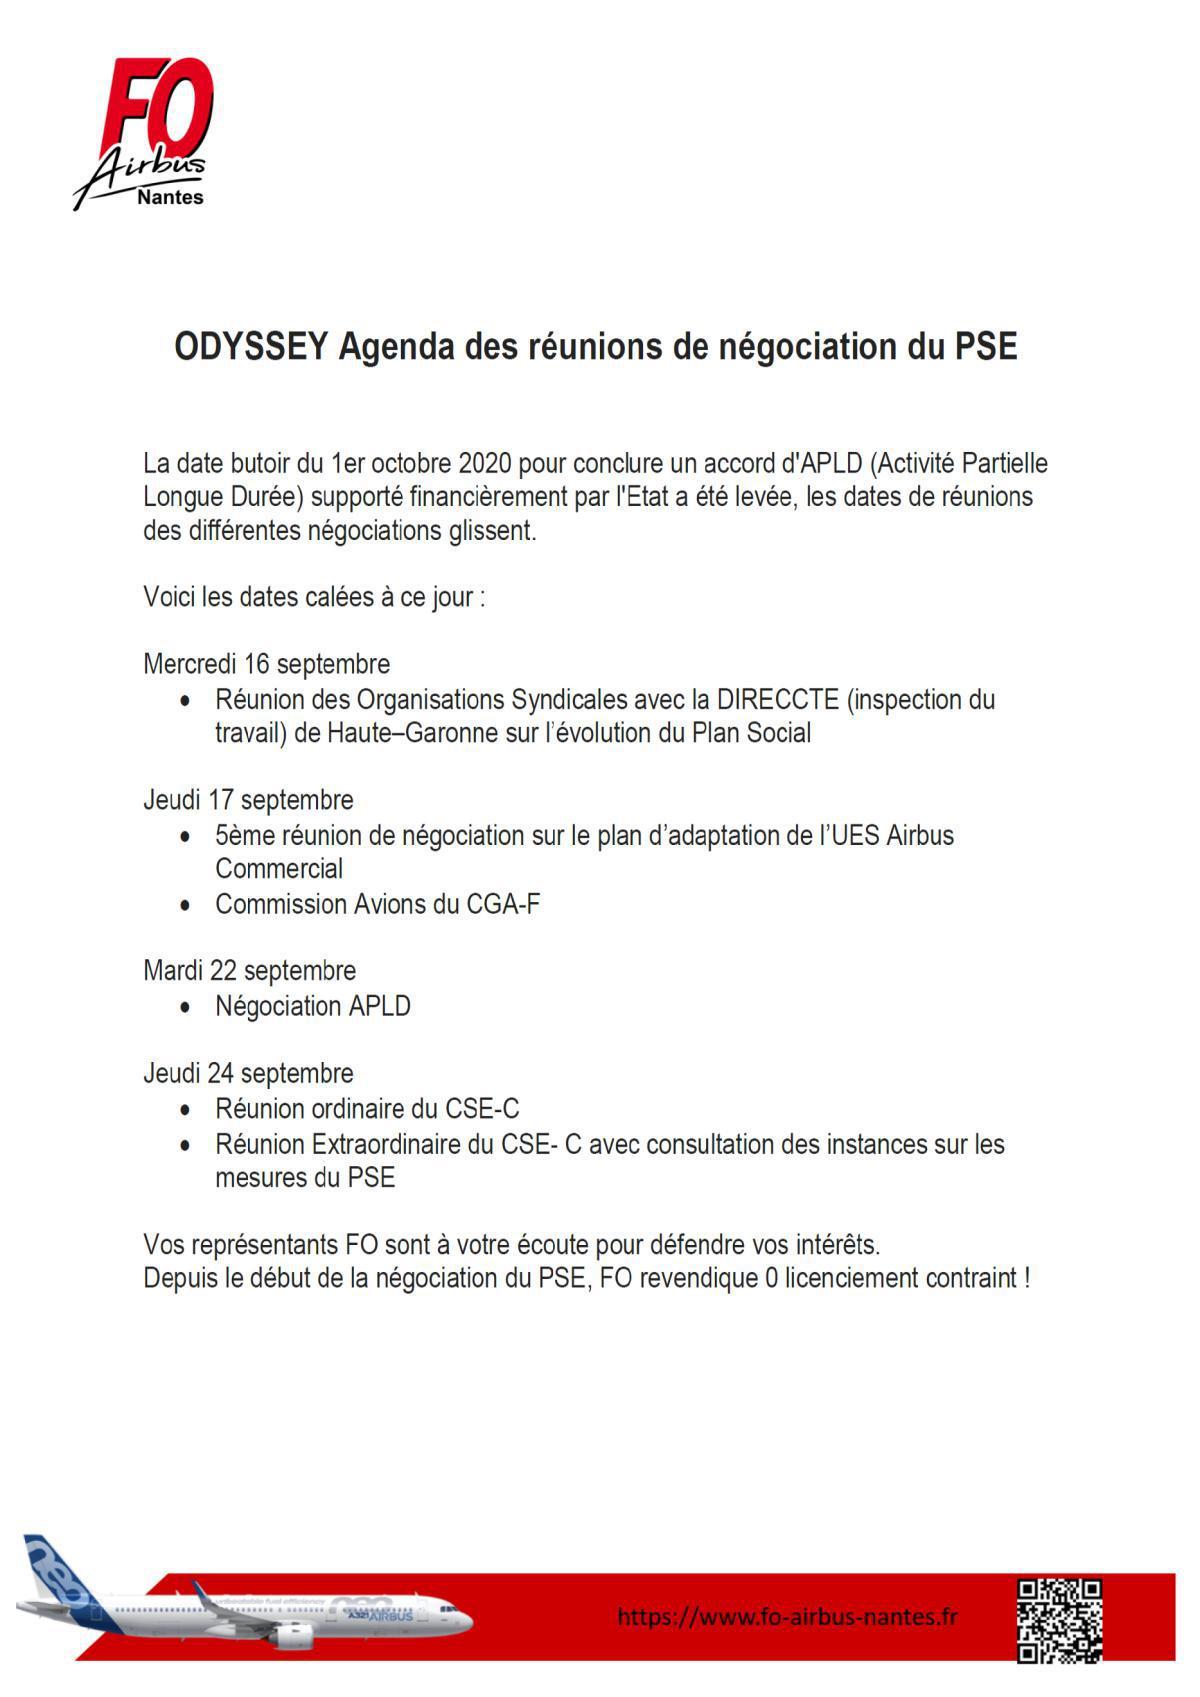 Agenda des réunions de négociation du PSE